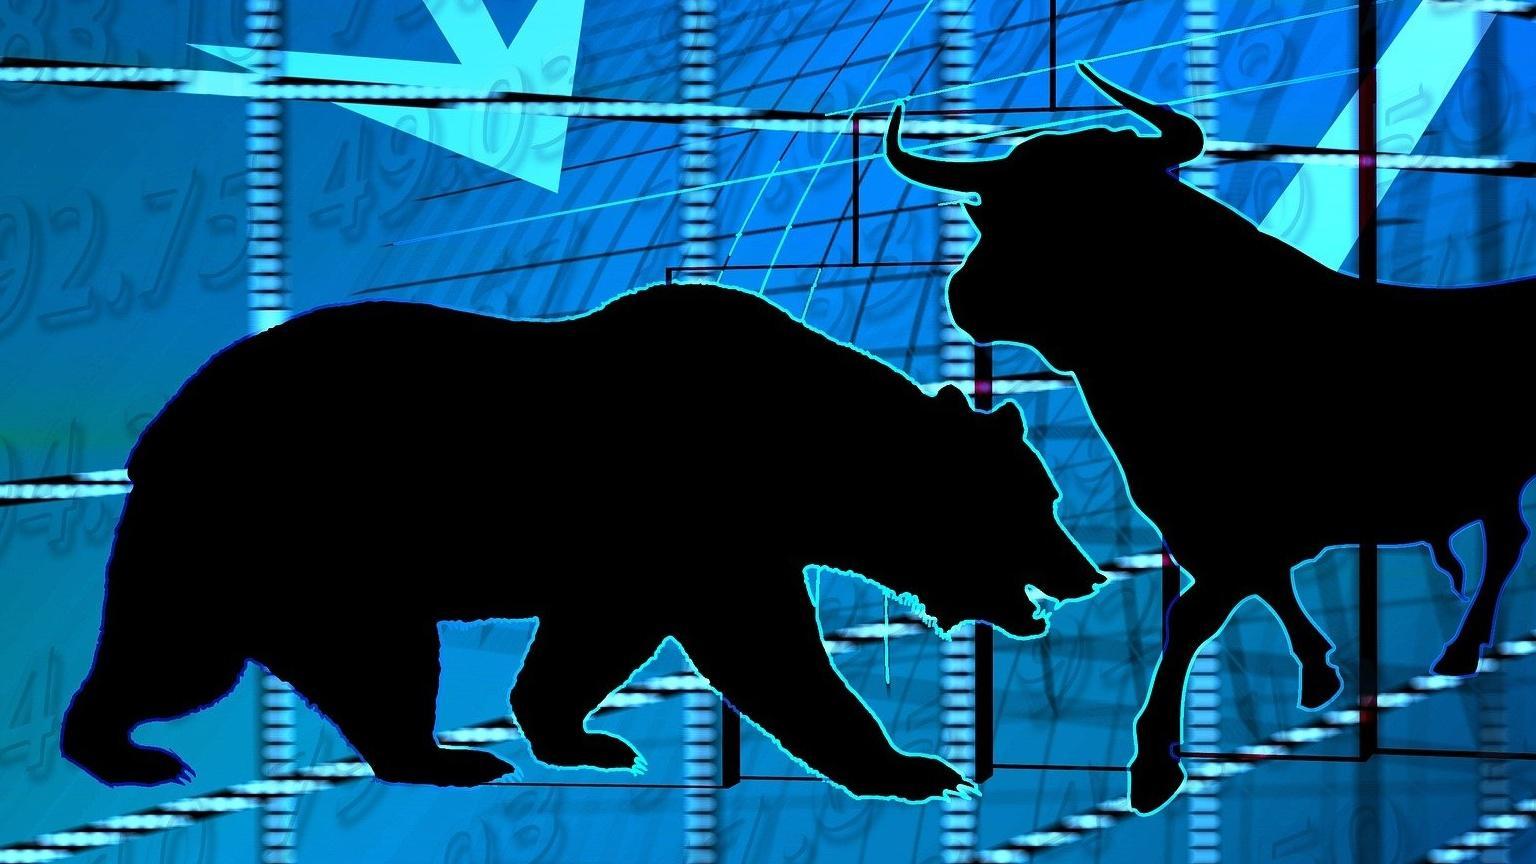 Der Begriff der Bullenfalle ist an der Börse zu vernehmen.